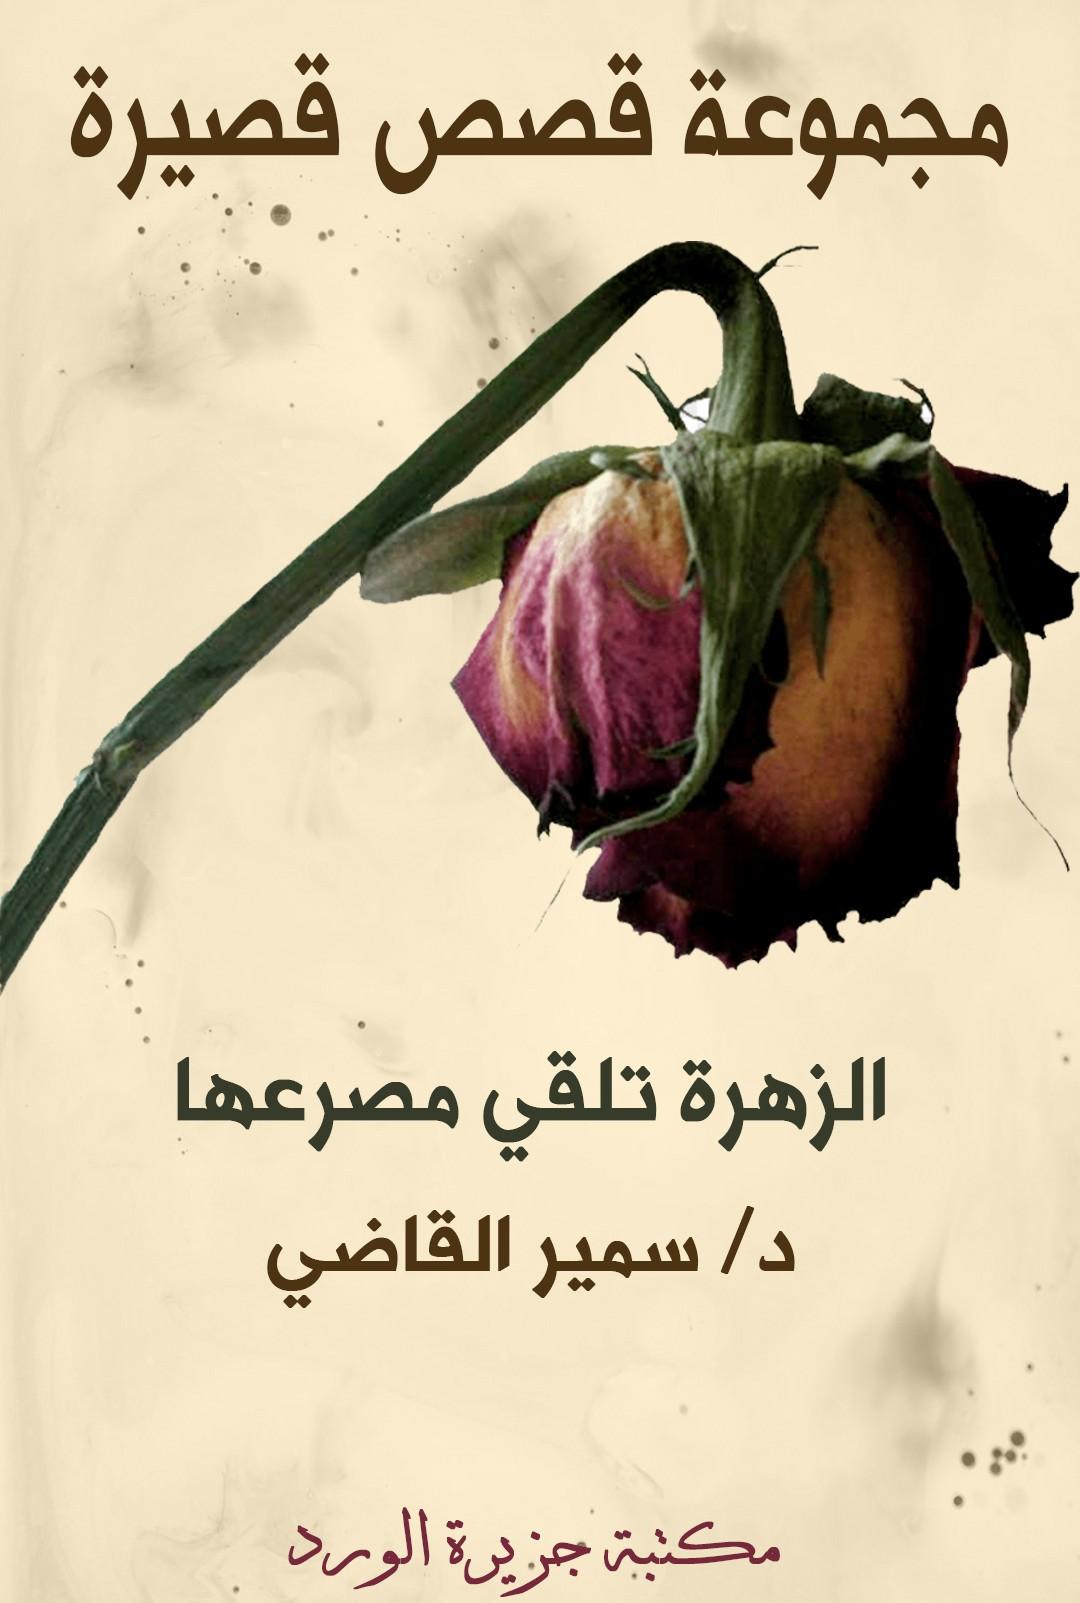 الزهرة تلقي مصرعها